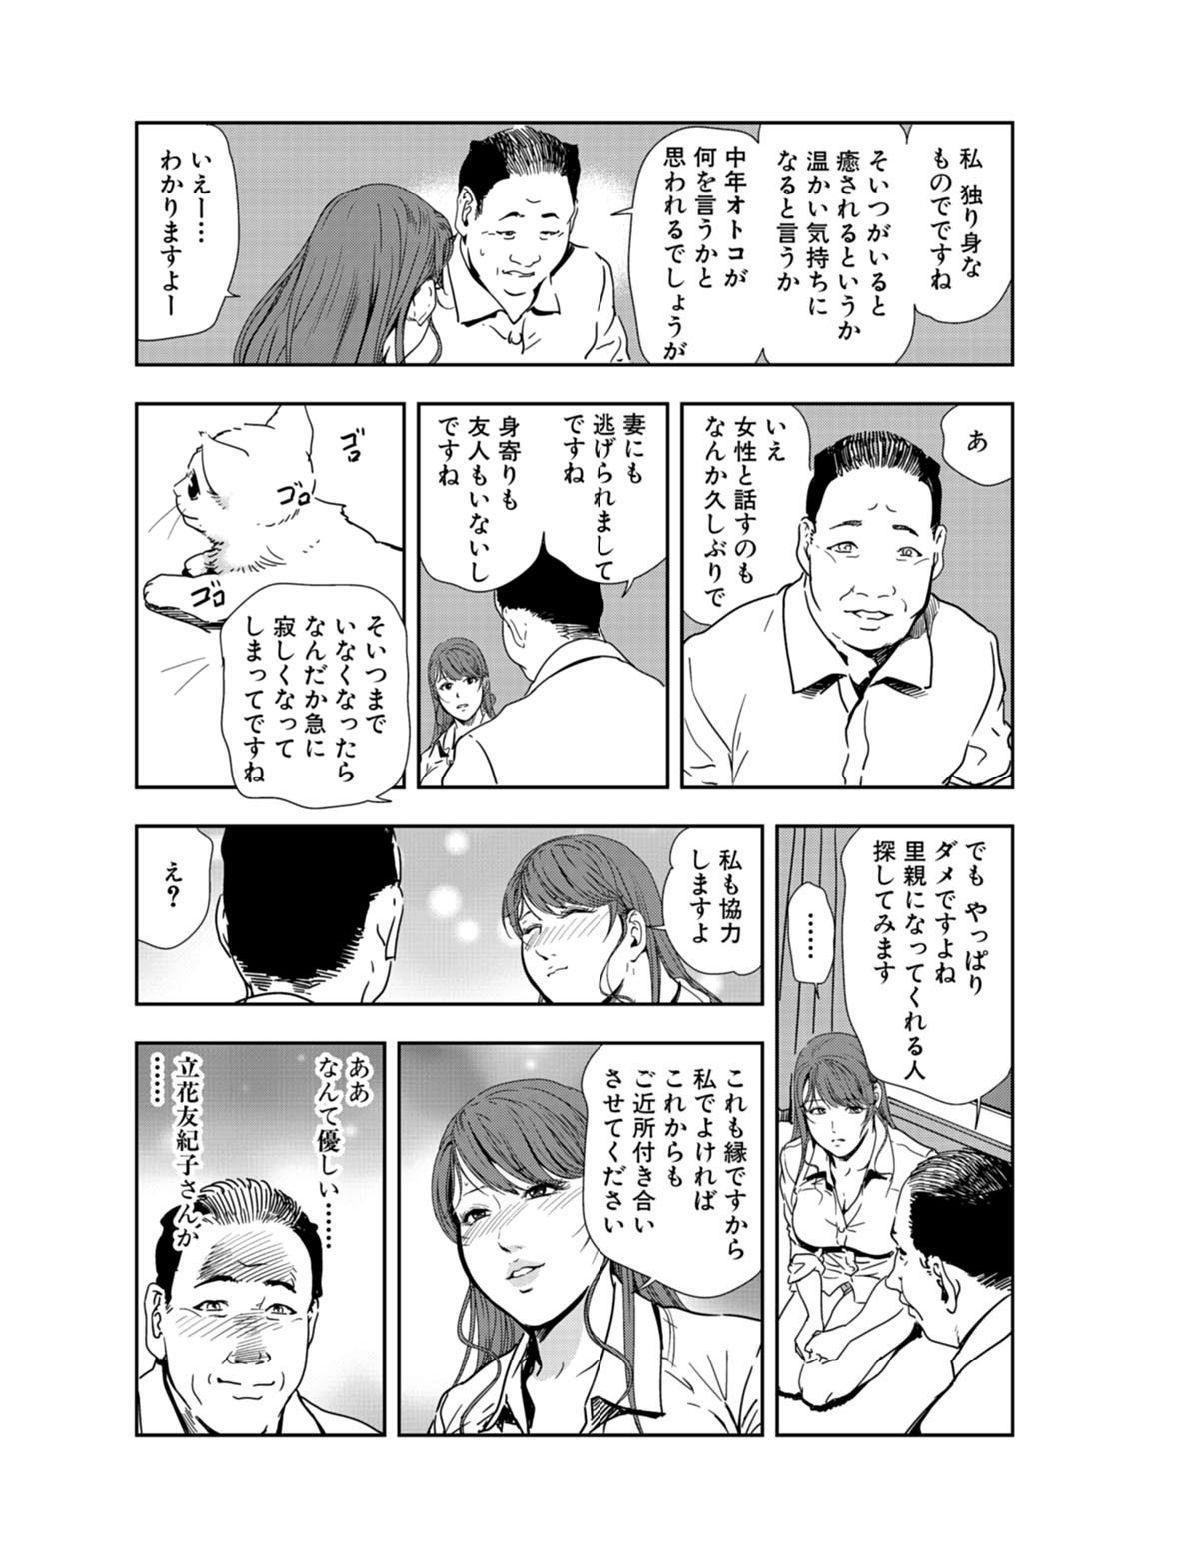 Nikuhisyo Yukiko 21 135